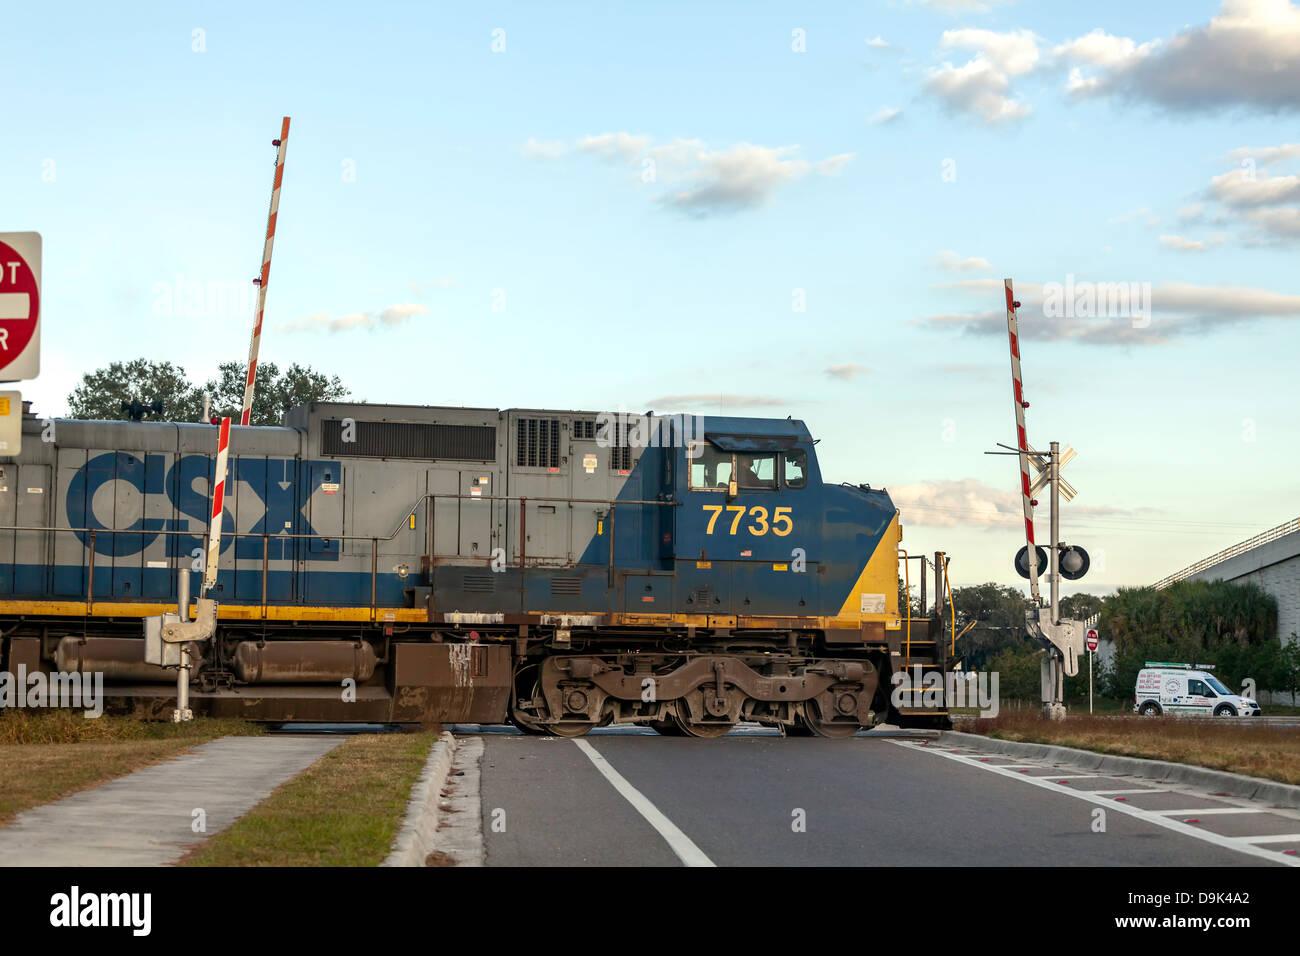 CSX engine 7735 pulling a freight train through a railroad